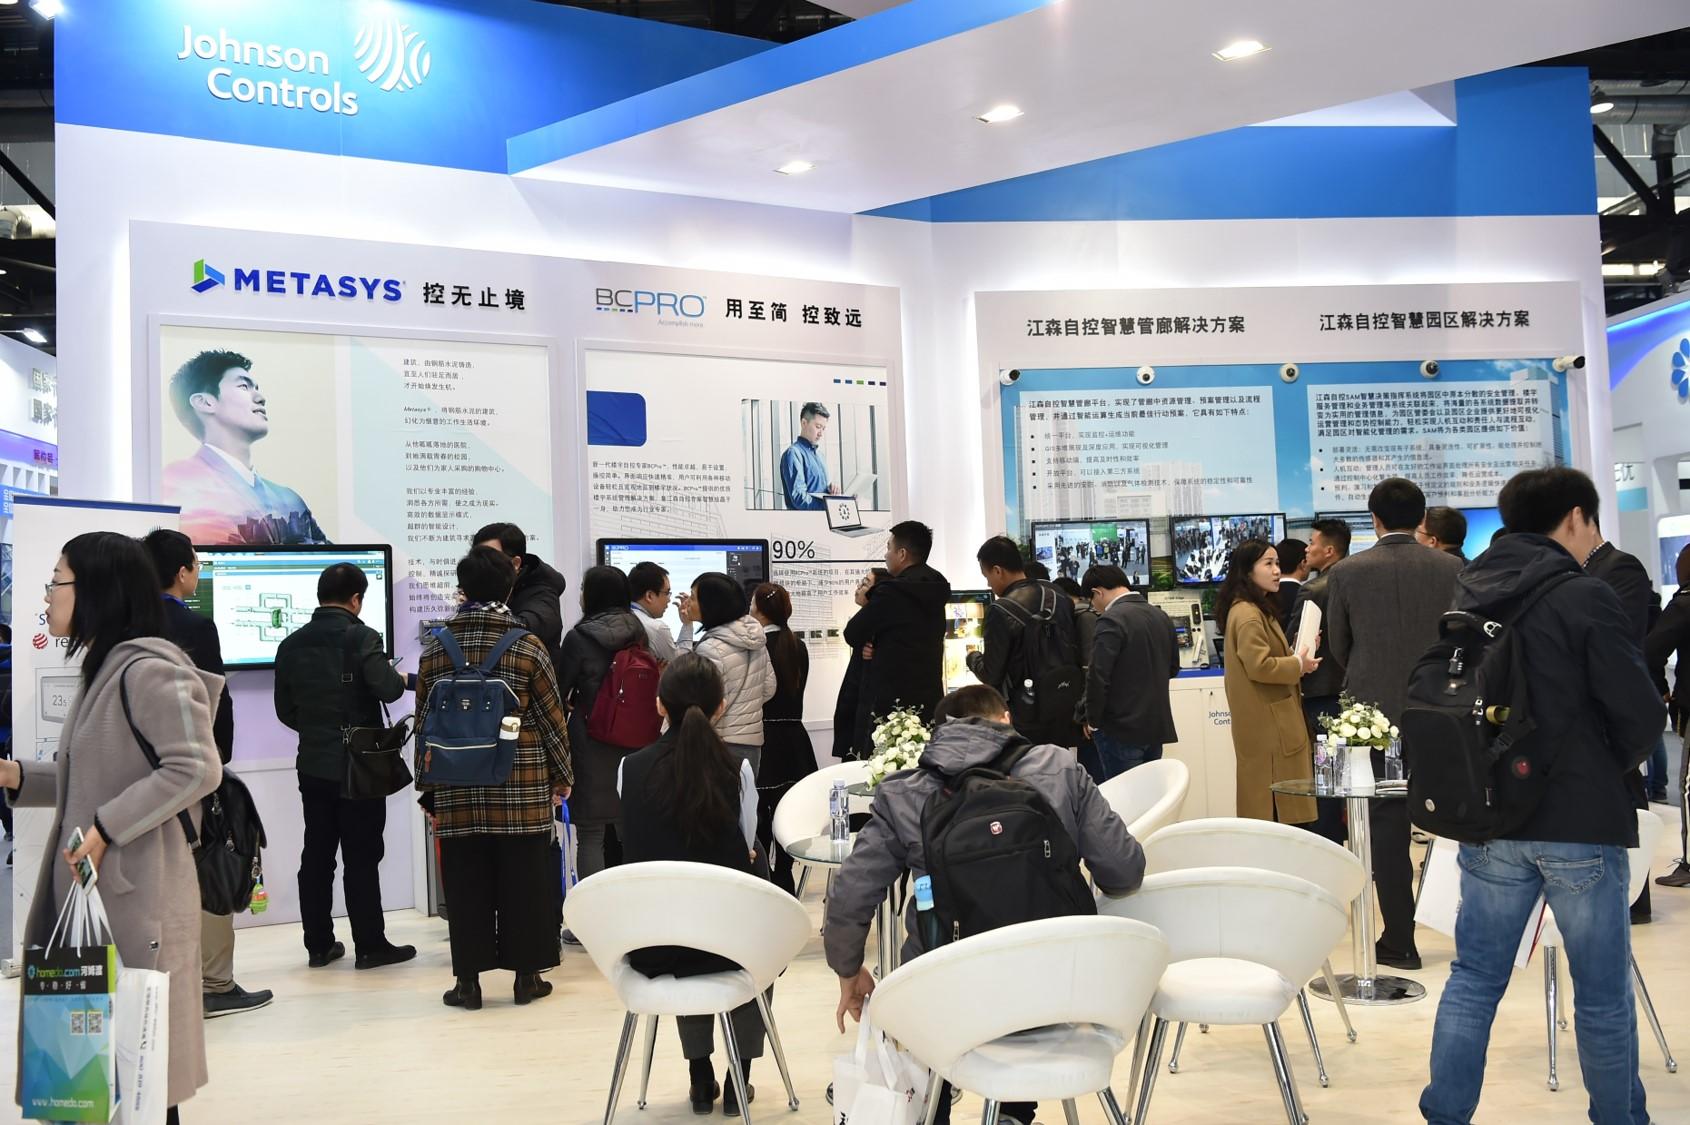 江森自控亮相2018中国国际智能建筑展 - 2